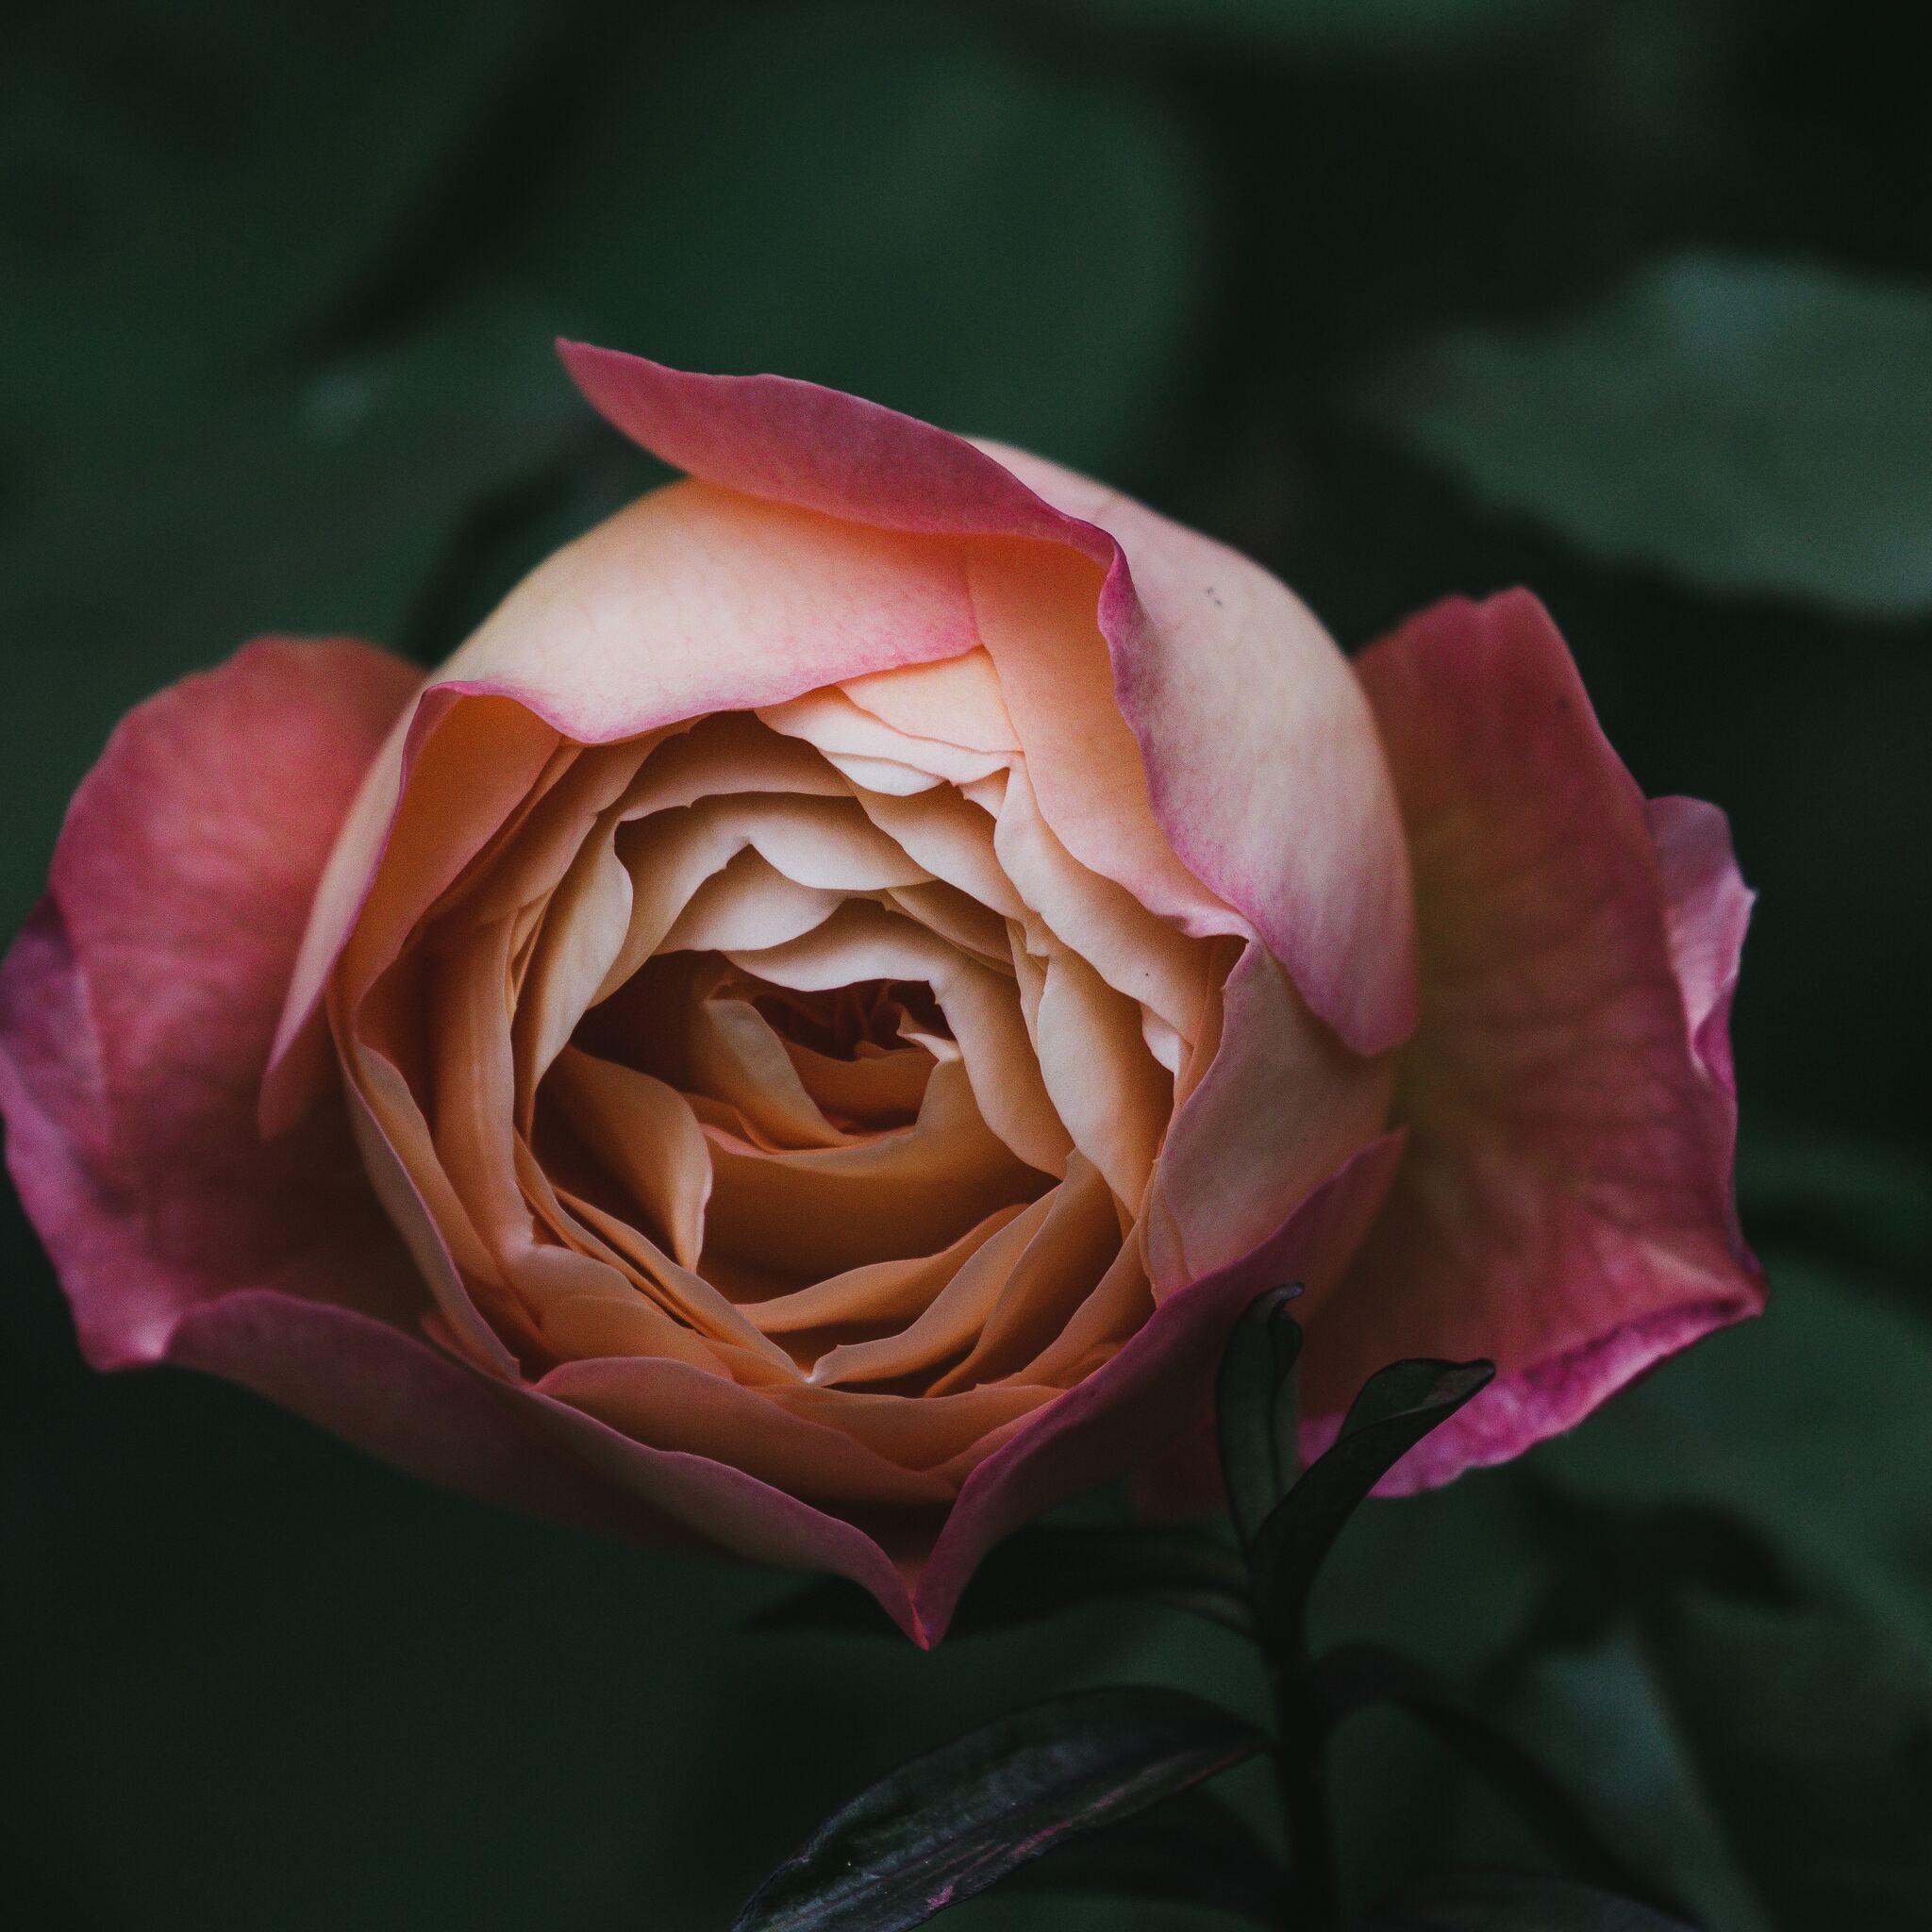 flower-plant-bokeh-blur-5k-90.jpg